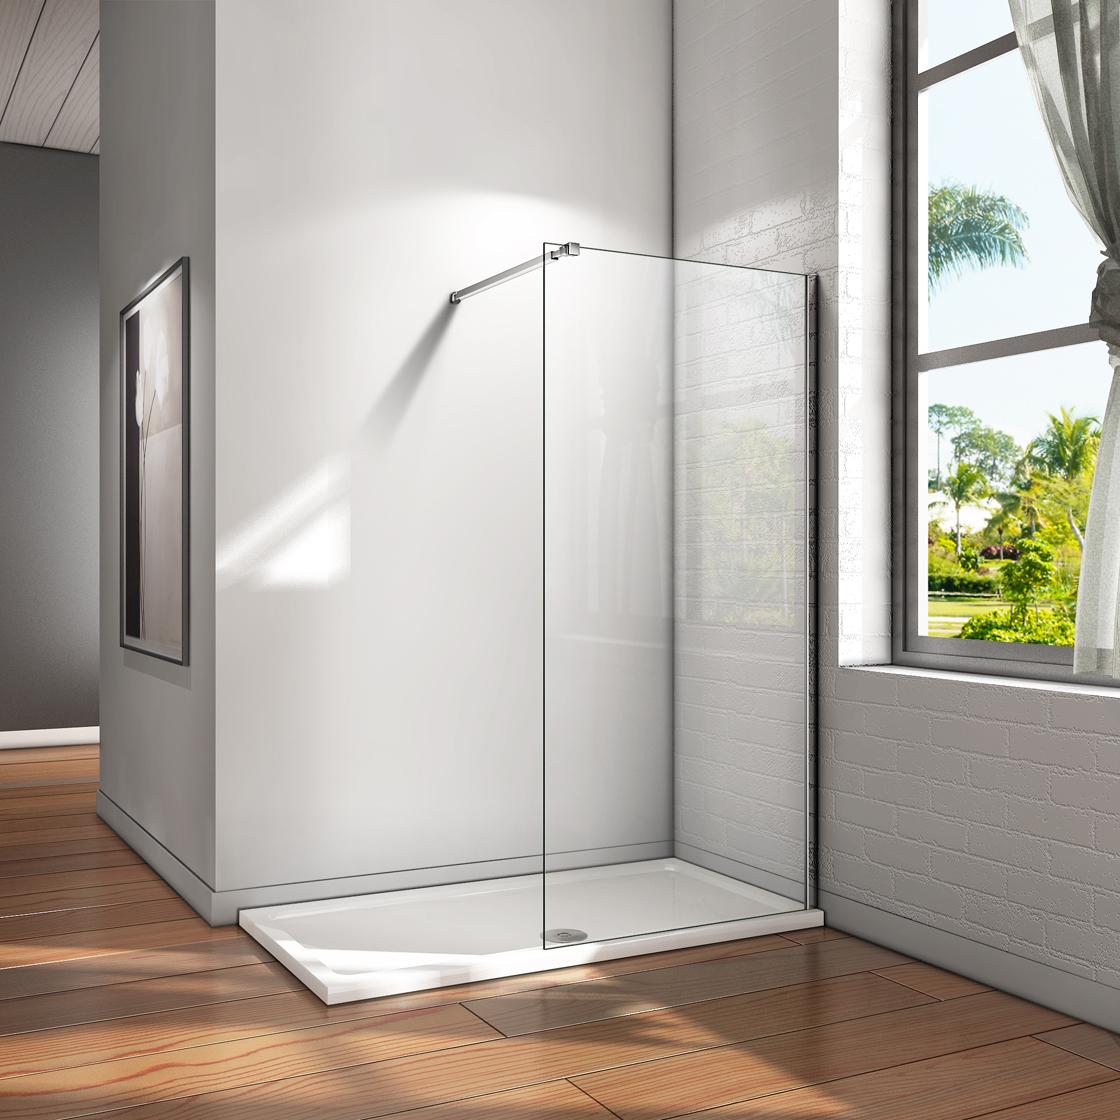 Full Size of Walk In Dusche Duschwand Nano Glas Duschkabine Duschabtrennung Mini Küche Einbauküche Mit E Geräten Glastür Laminat Badezimmer Winkel Was Kostet Eine Neue Dusche Walk In Dusche